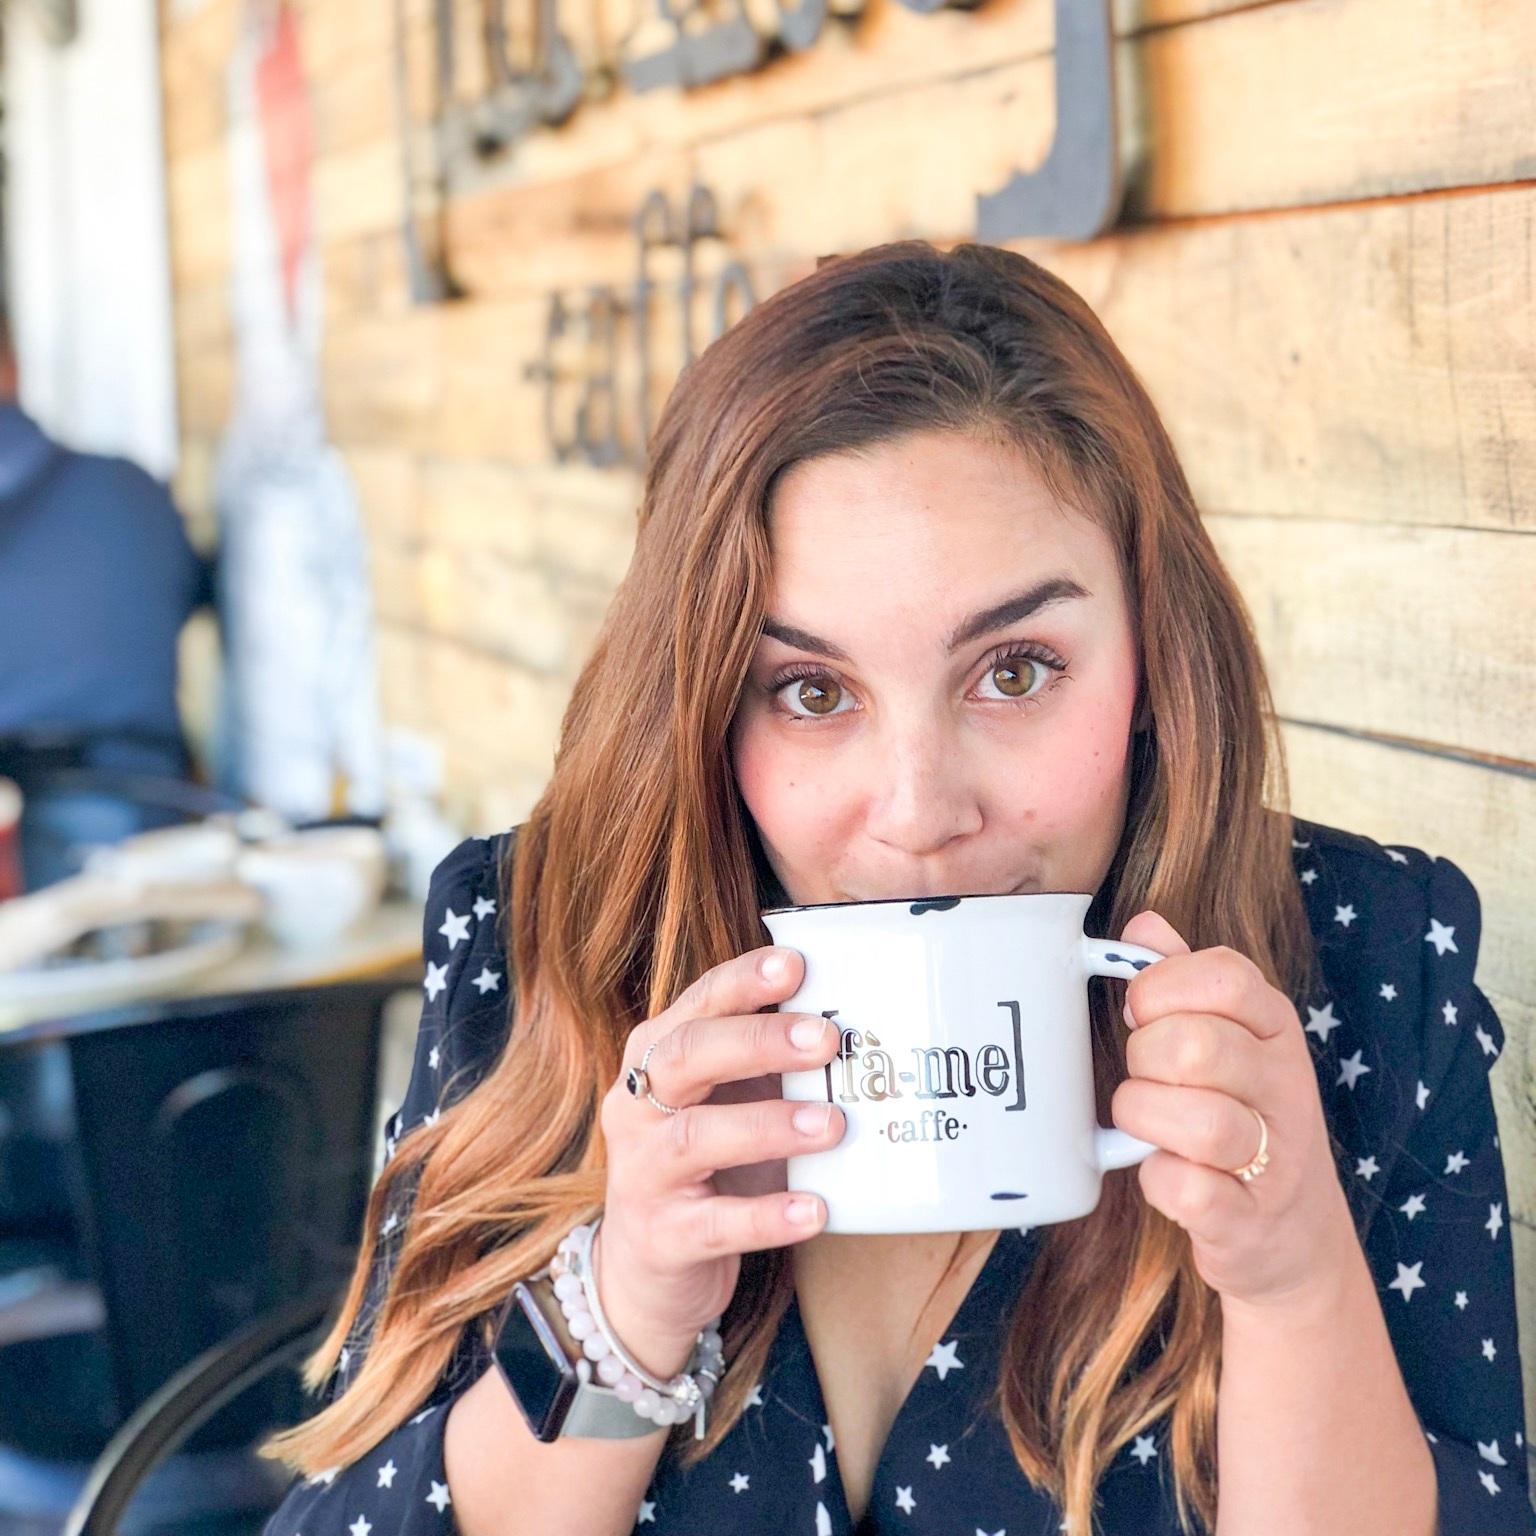 Fáme Cafe